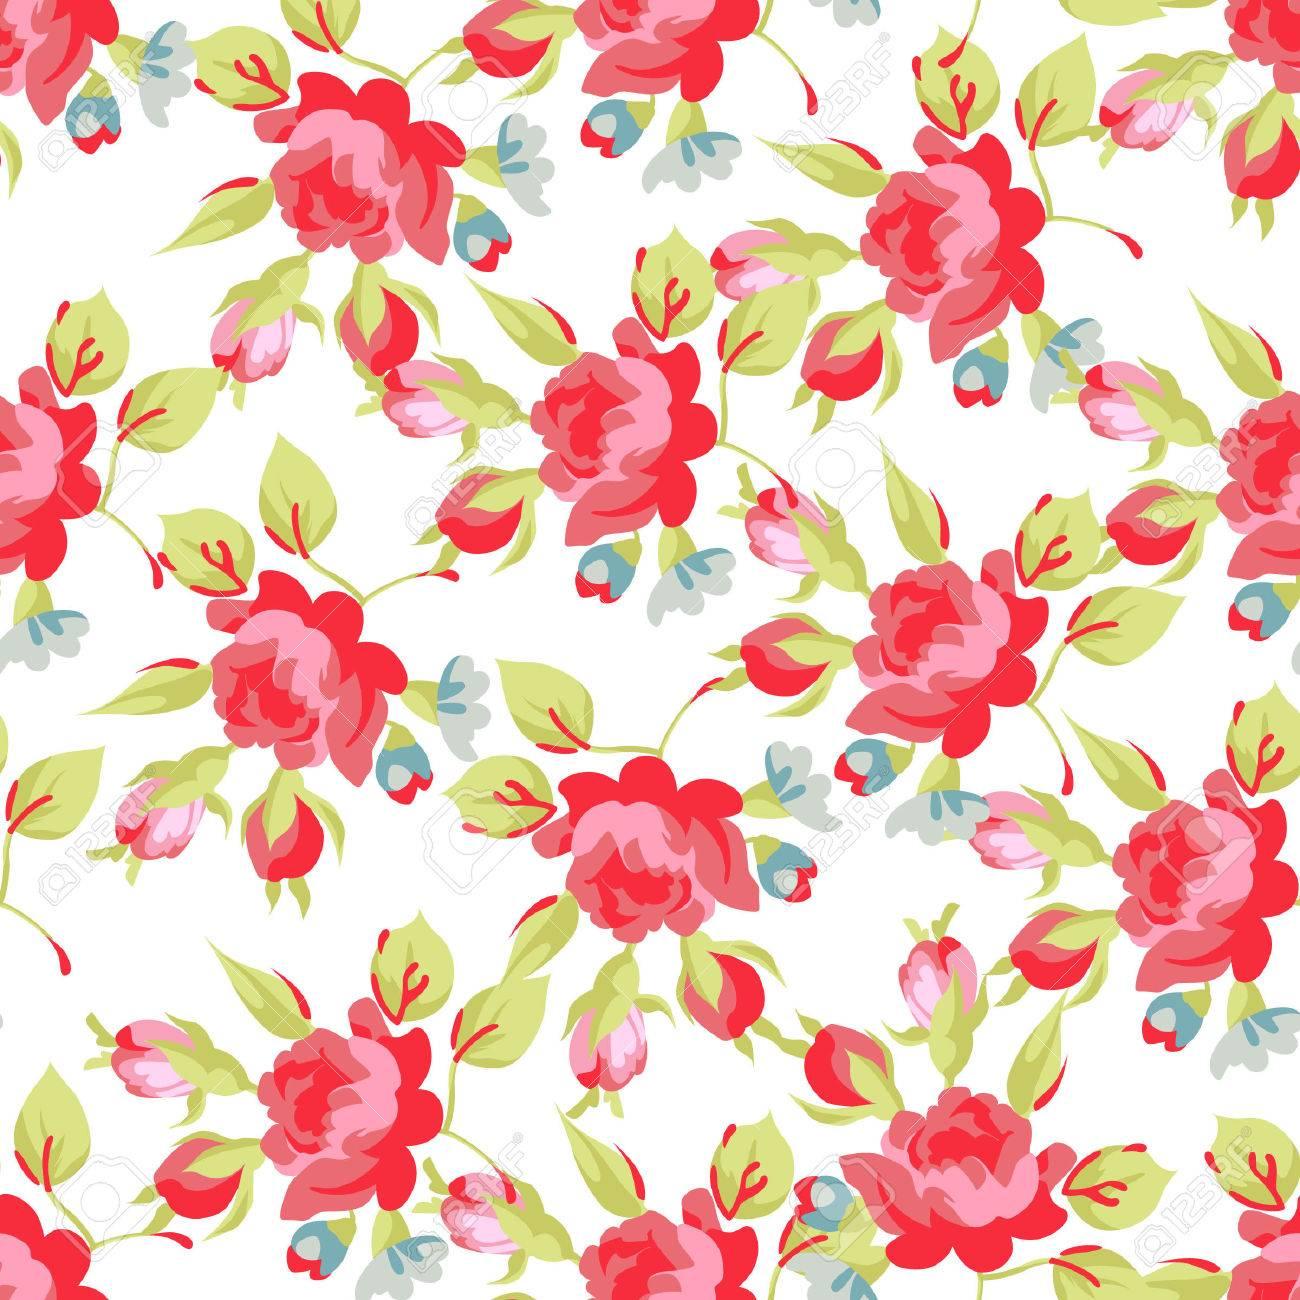 Sin Fisuras Patrón Floral Con Rosas Rojas Y Pequeñas Flores Azules